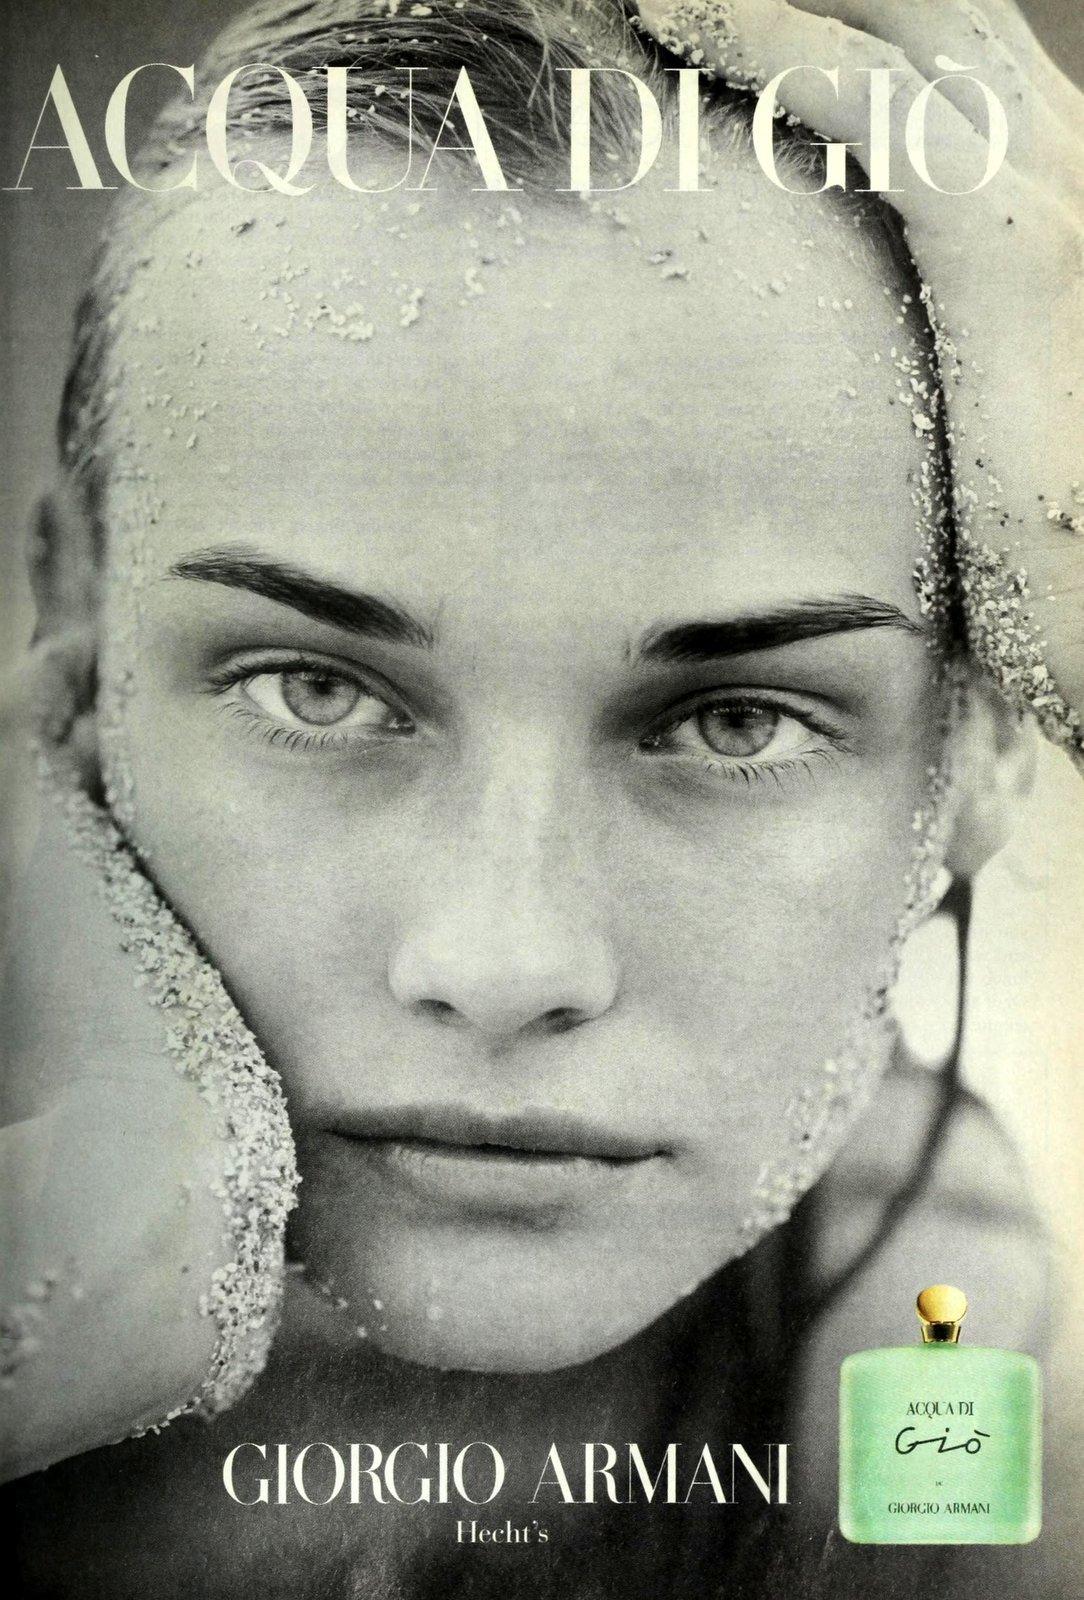 Acqua di Gio from Giorgio Armani (1998) at ClickAmericana com